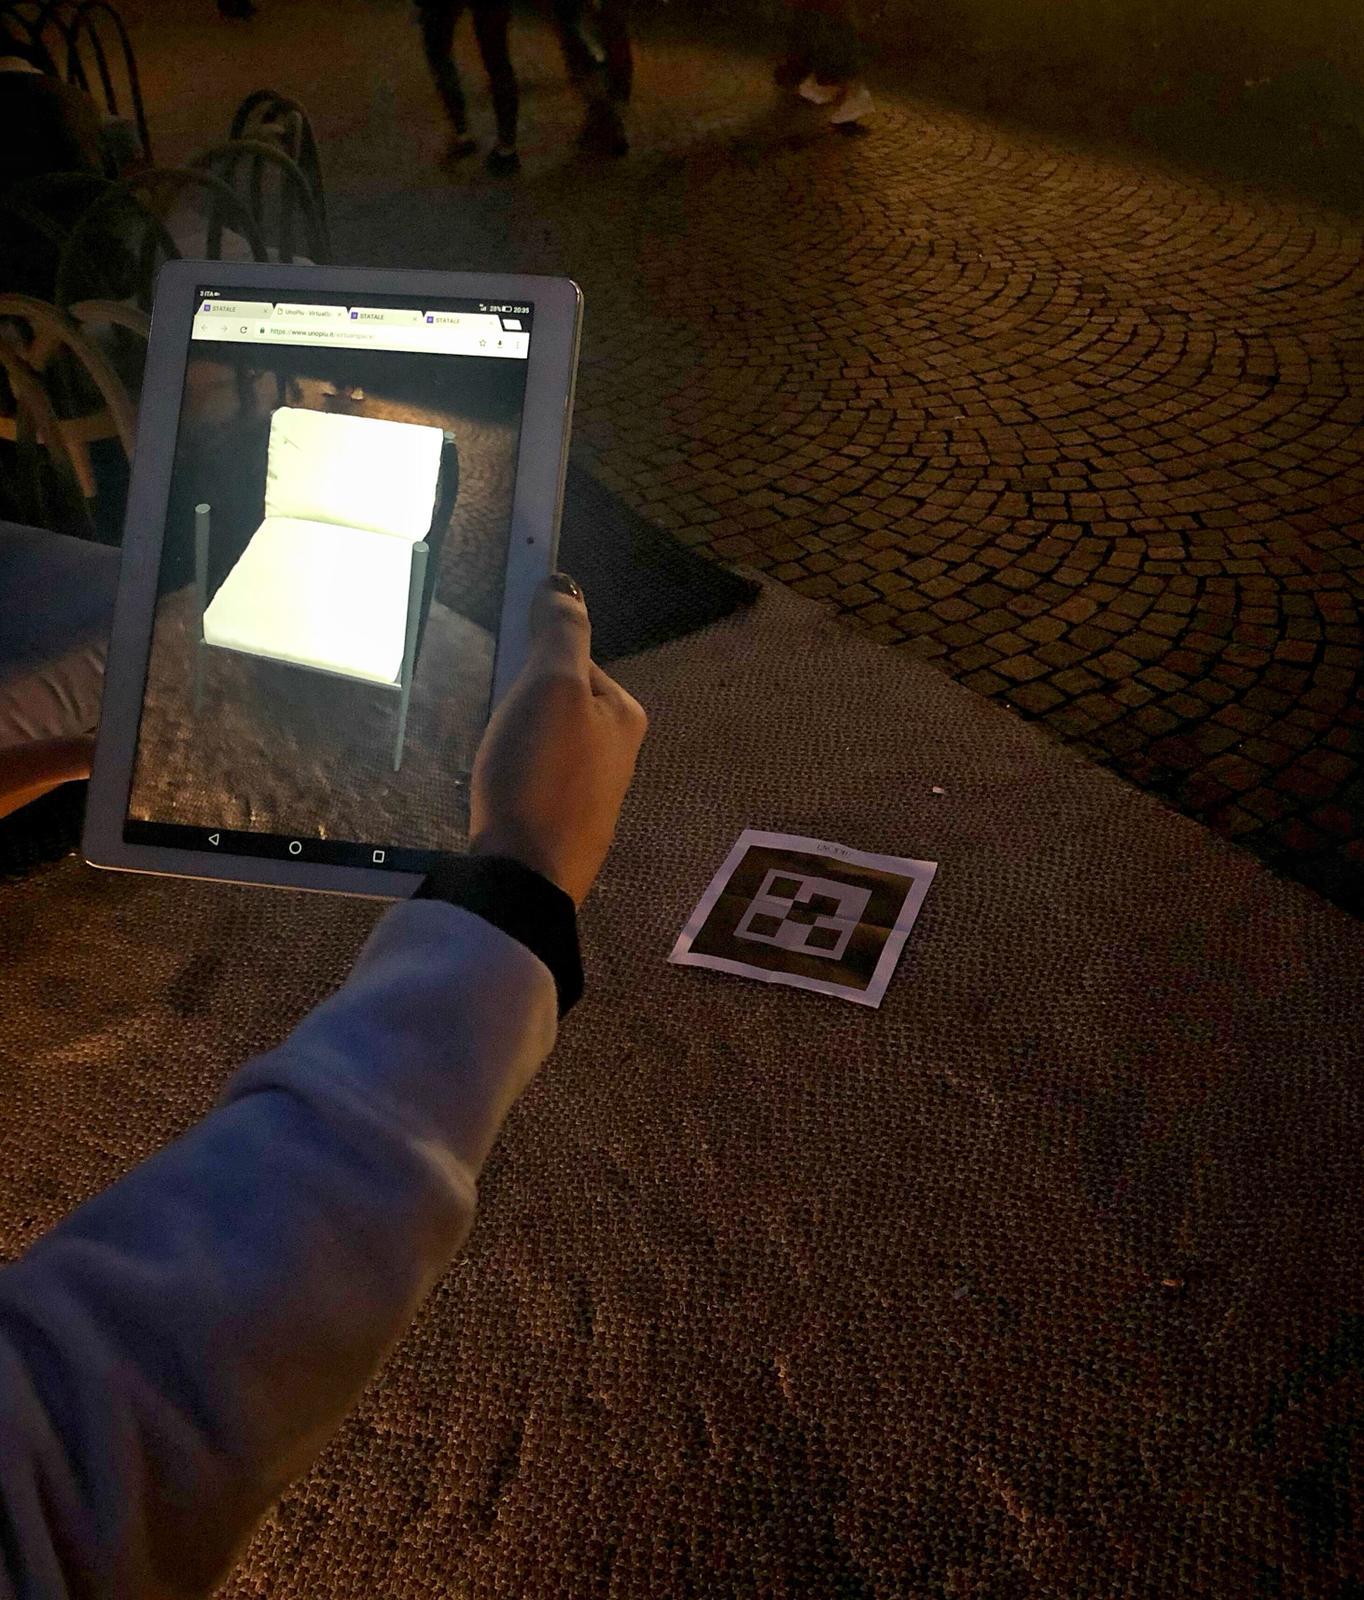 Con la realtà aumentata di Iaki Unopiù permette a tutti di progettare il proprio spazio